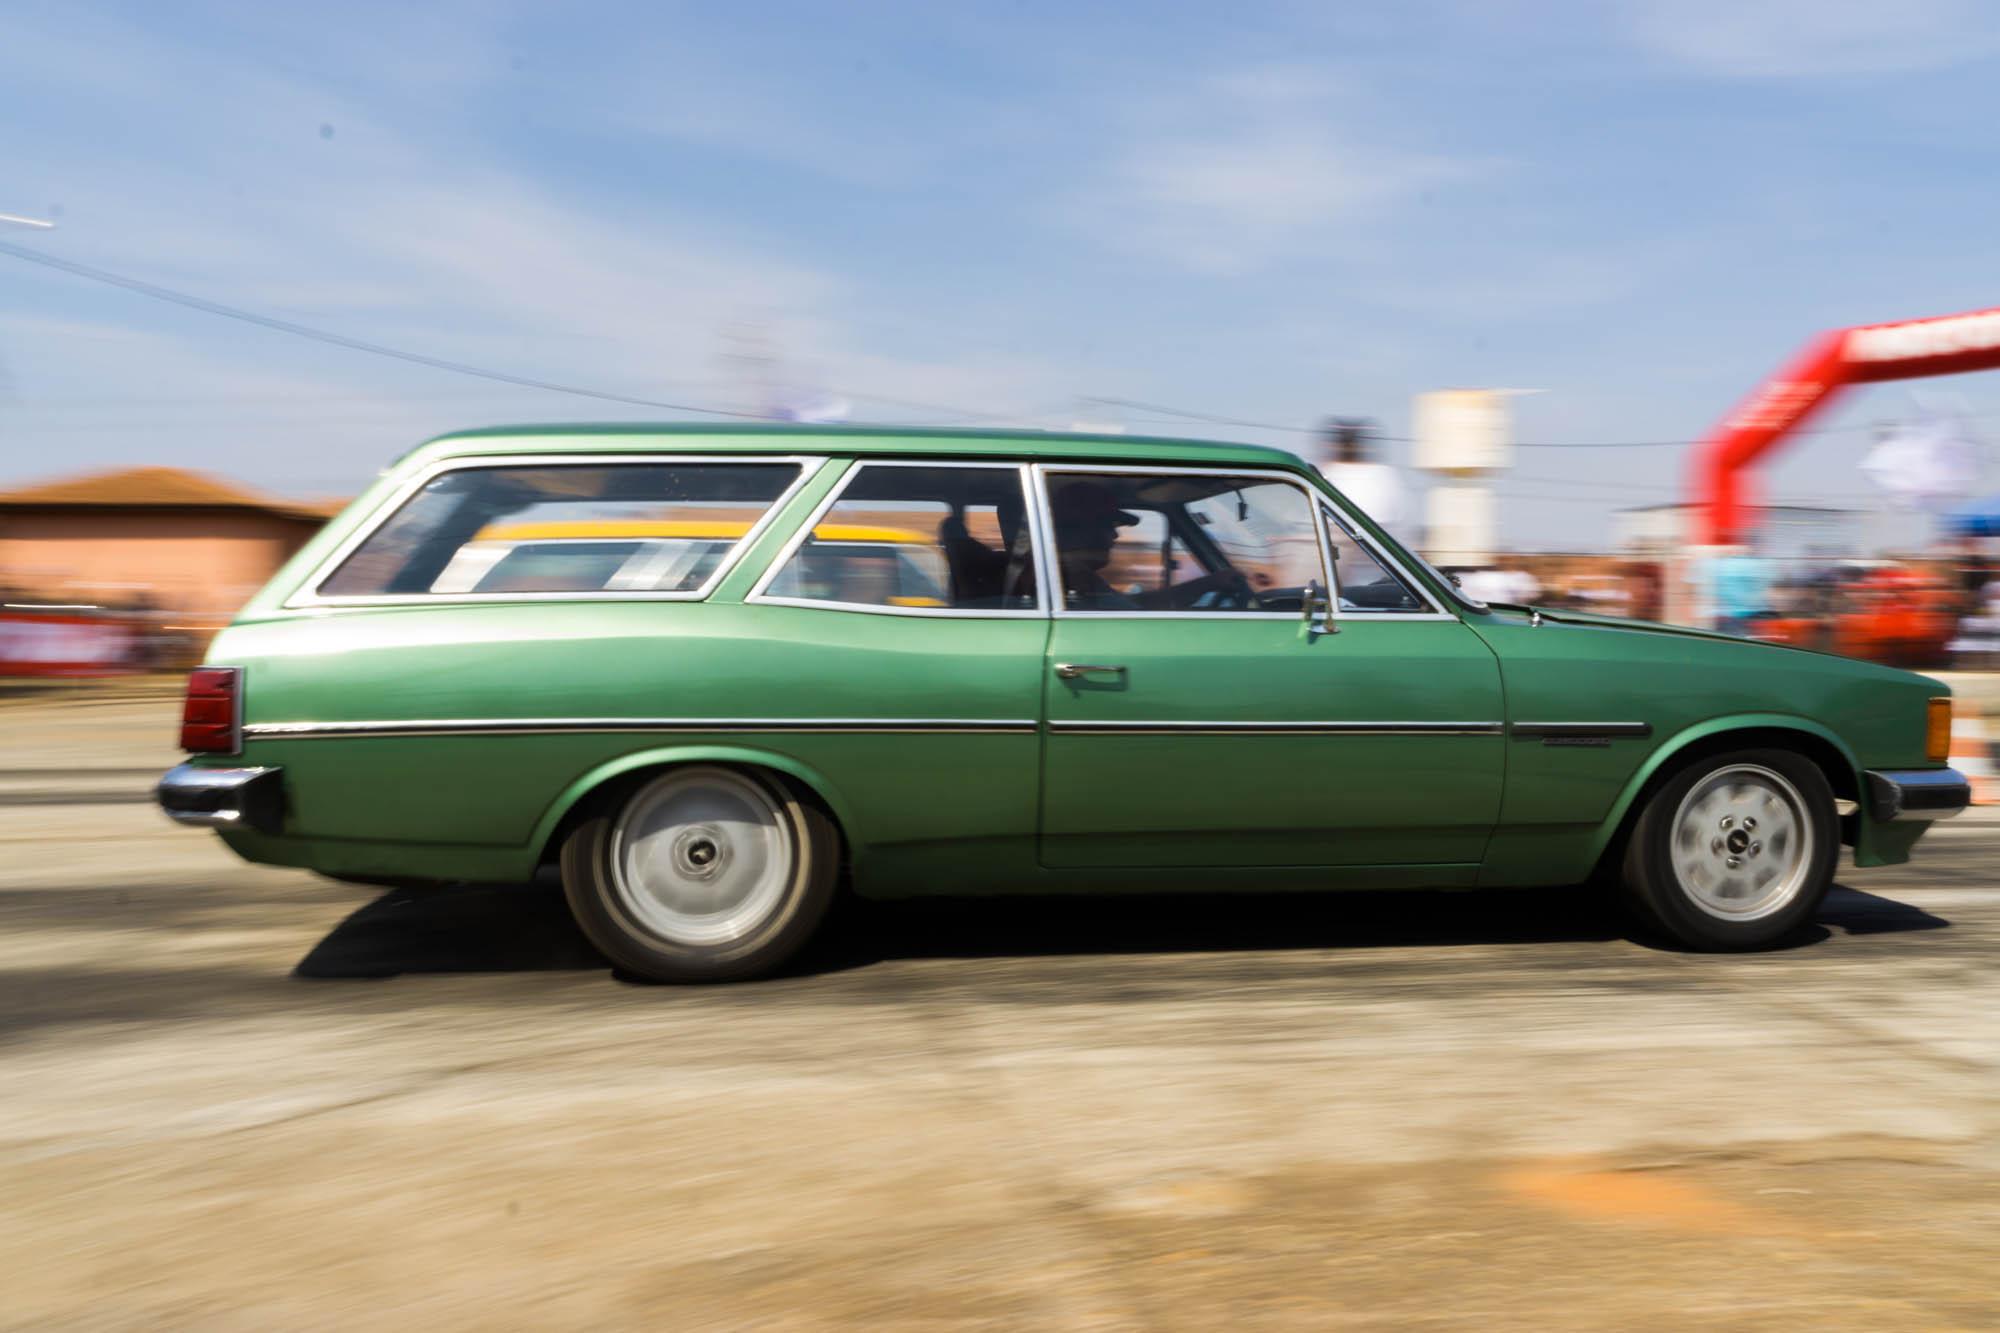 Green Drag Car Launching